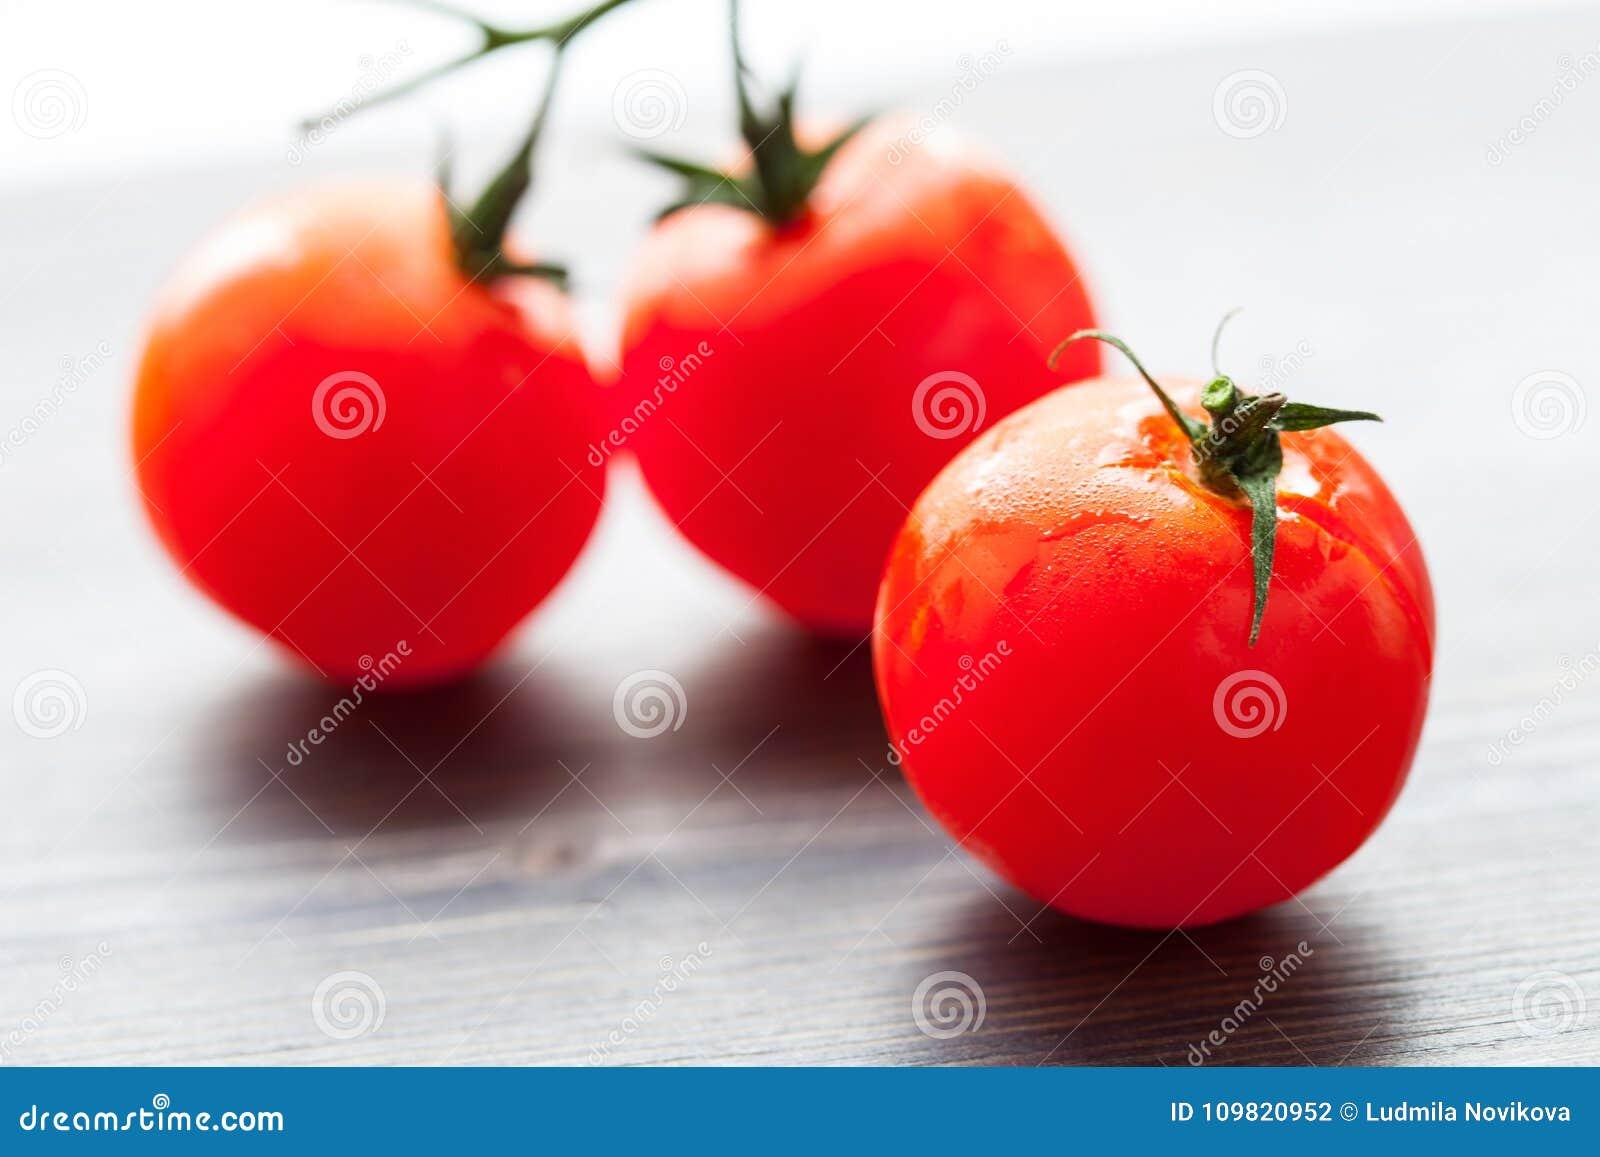 Palatable fresh tomatos